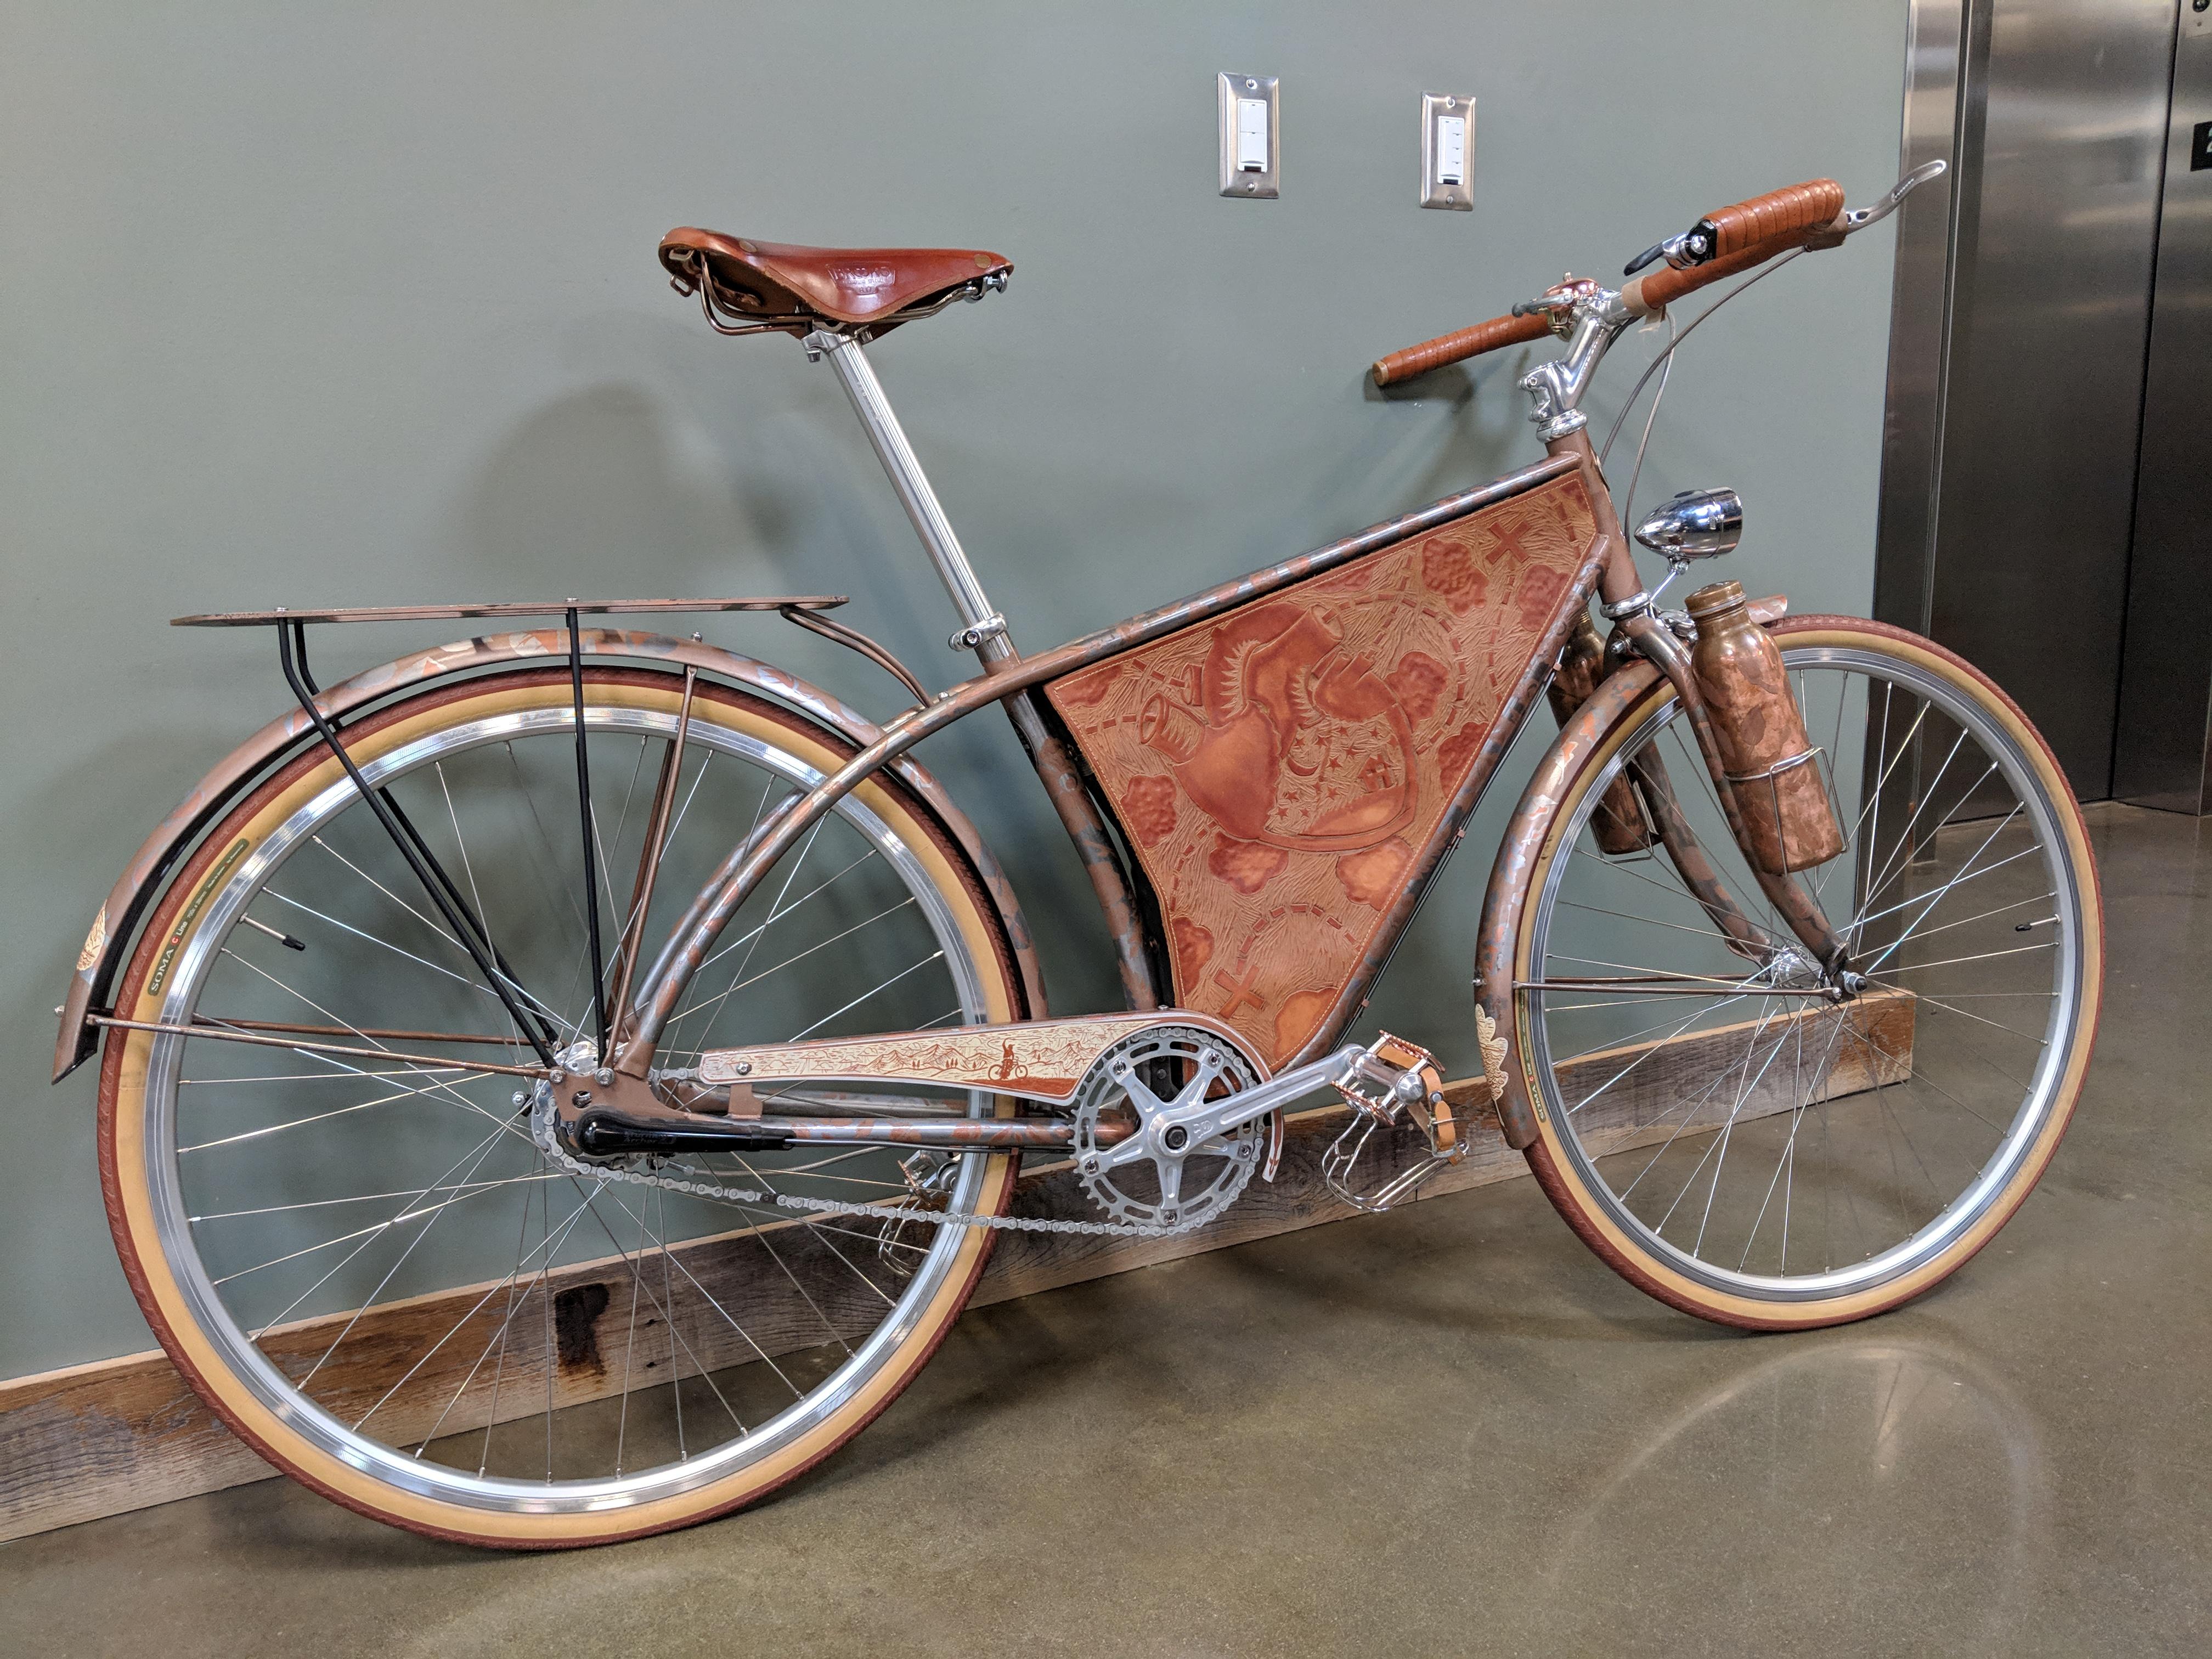 Tout un vélo!